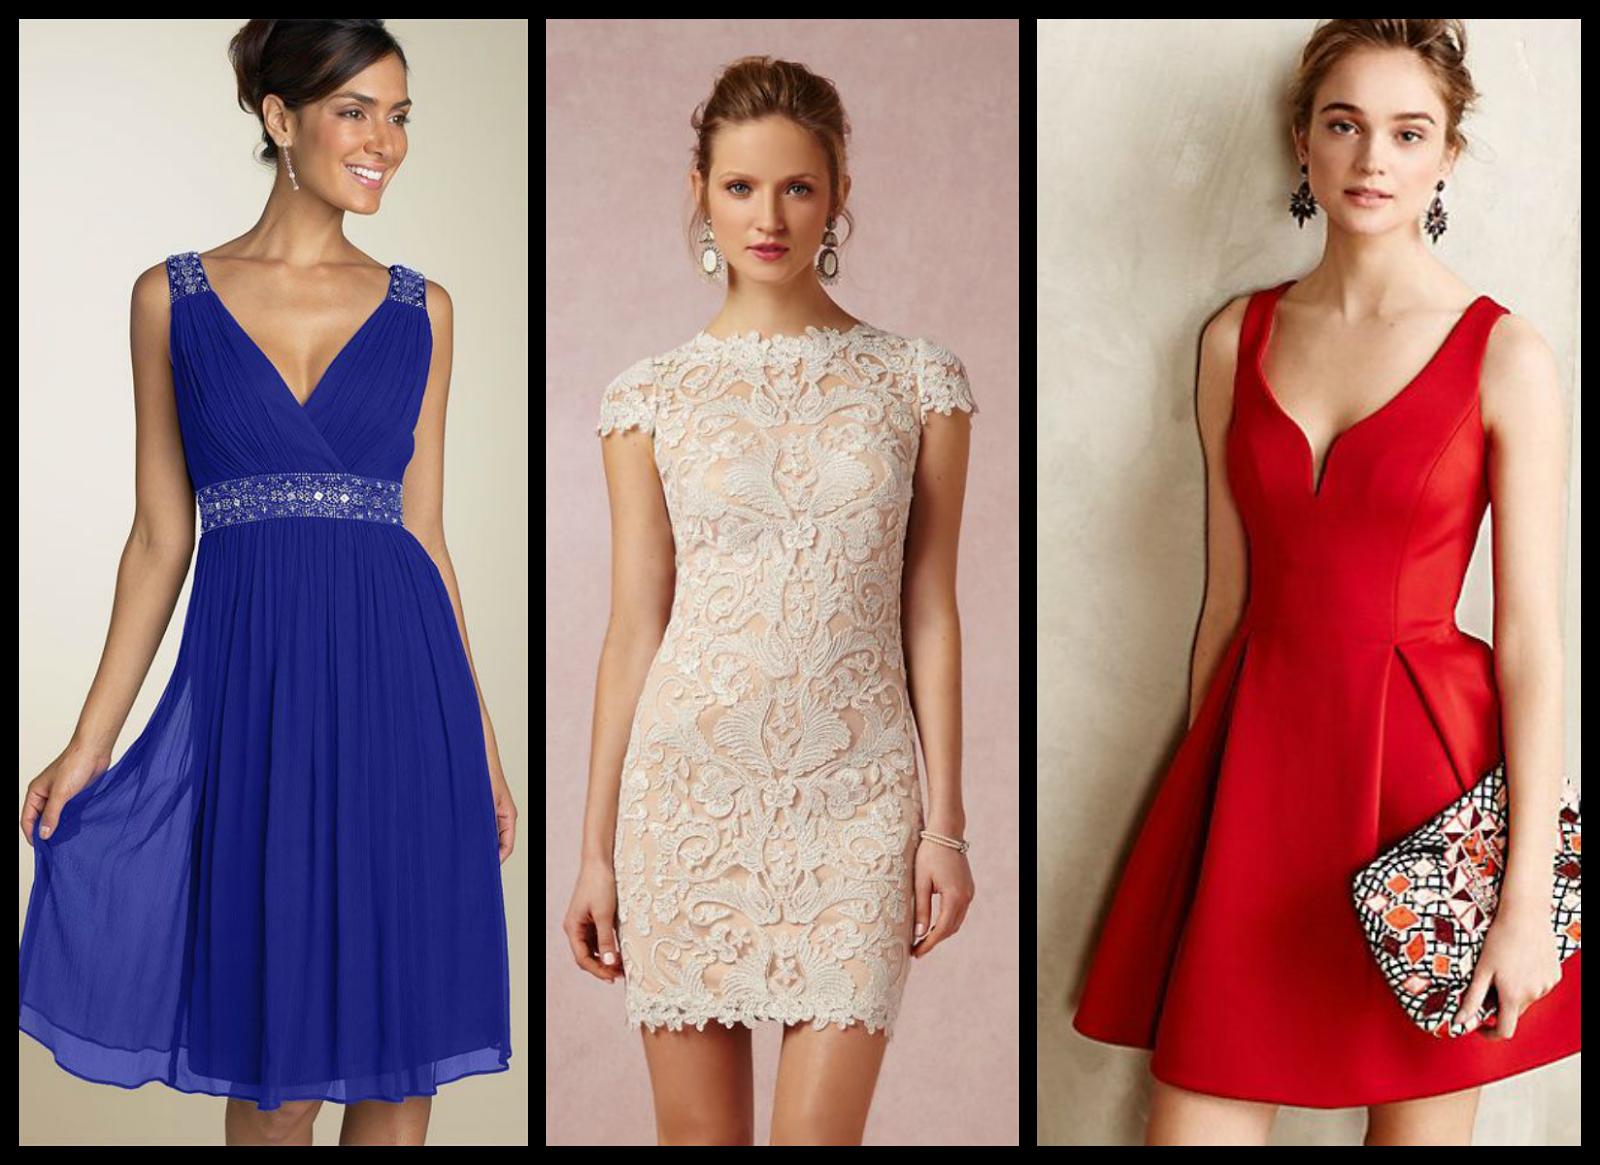 Vestido de festa curto: Modelos lindos para arrasar!   Beleza em Cachos